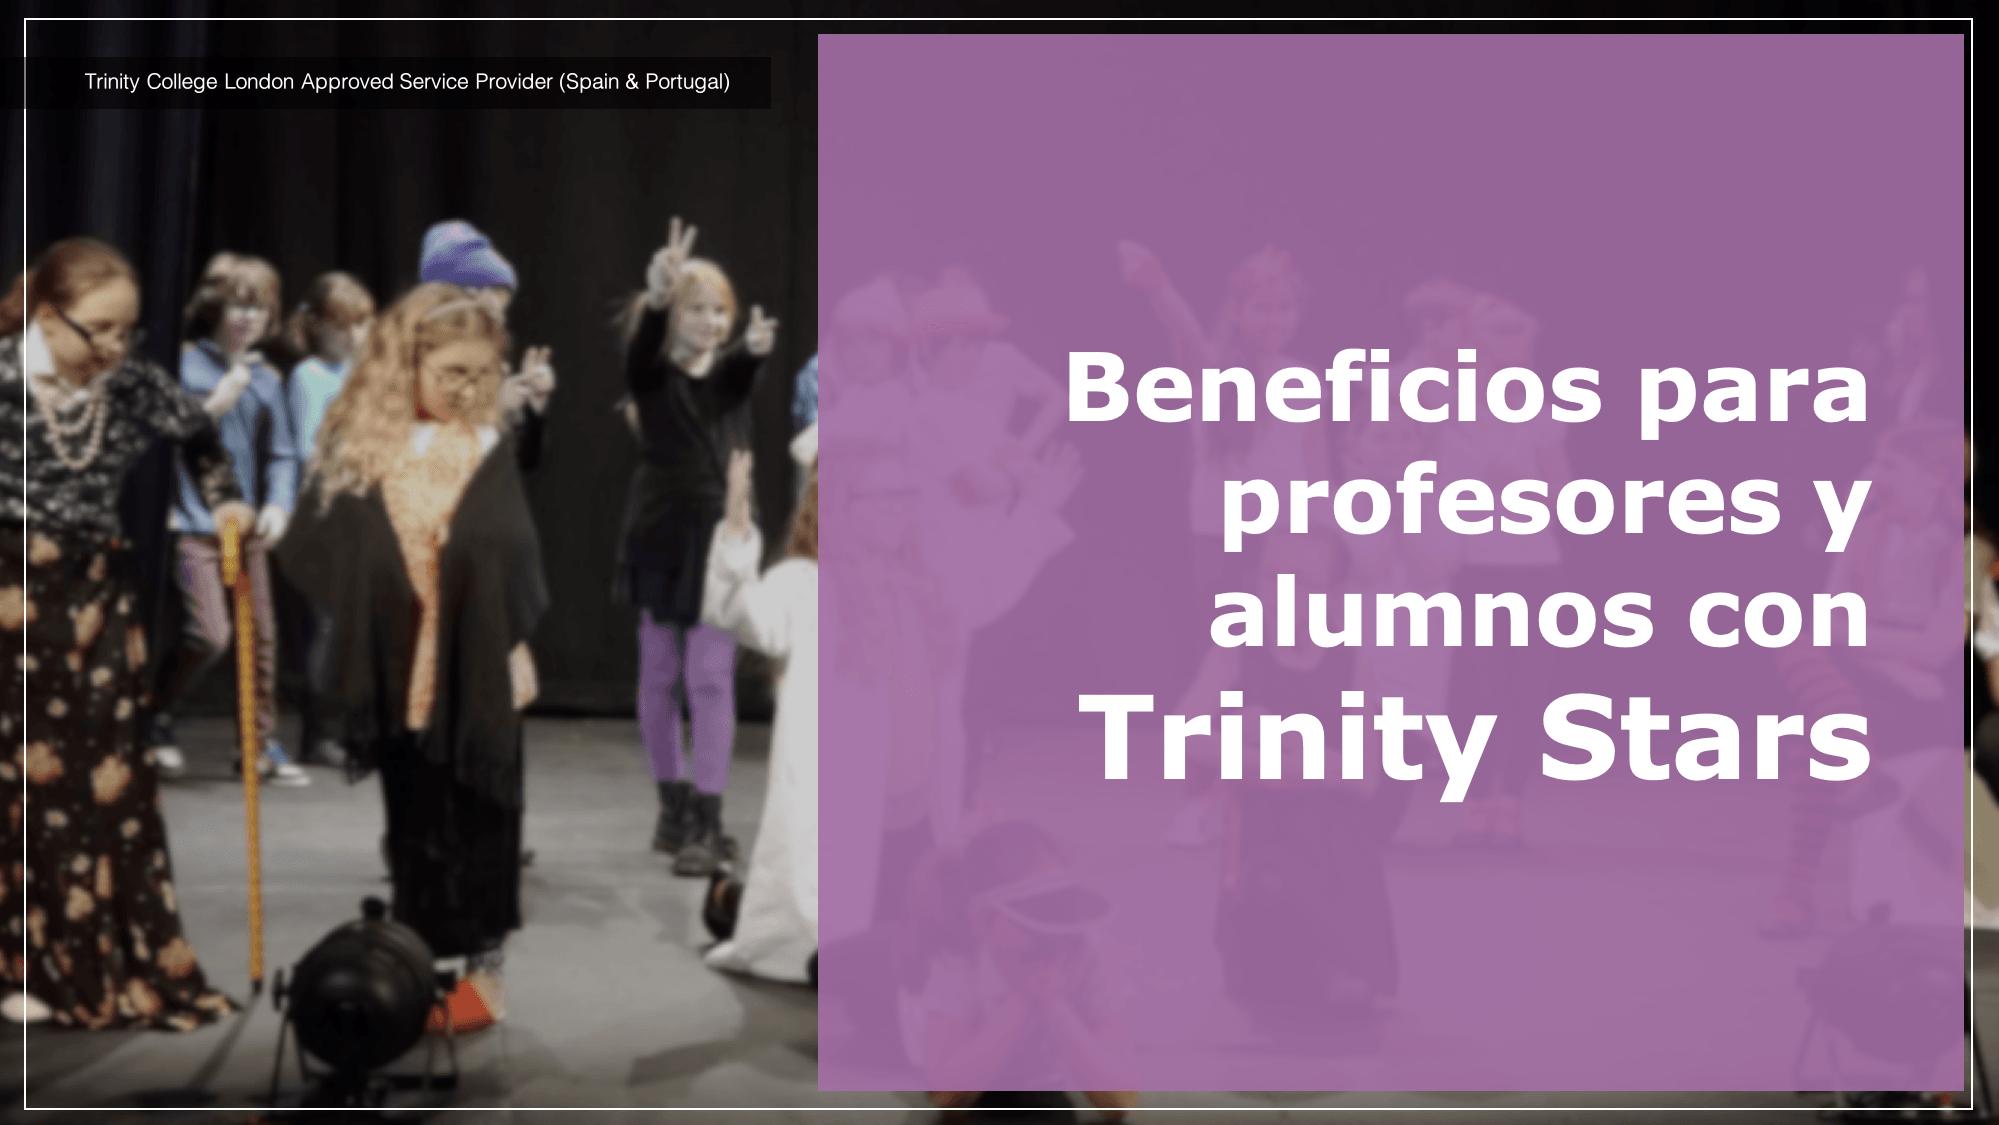 Trinity Stars es un premio grupal que se obtiene a través del Young Performers in English Award, organizado por el Trinity College London